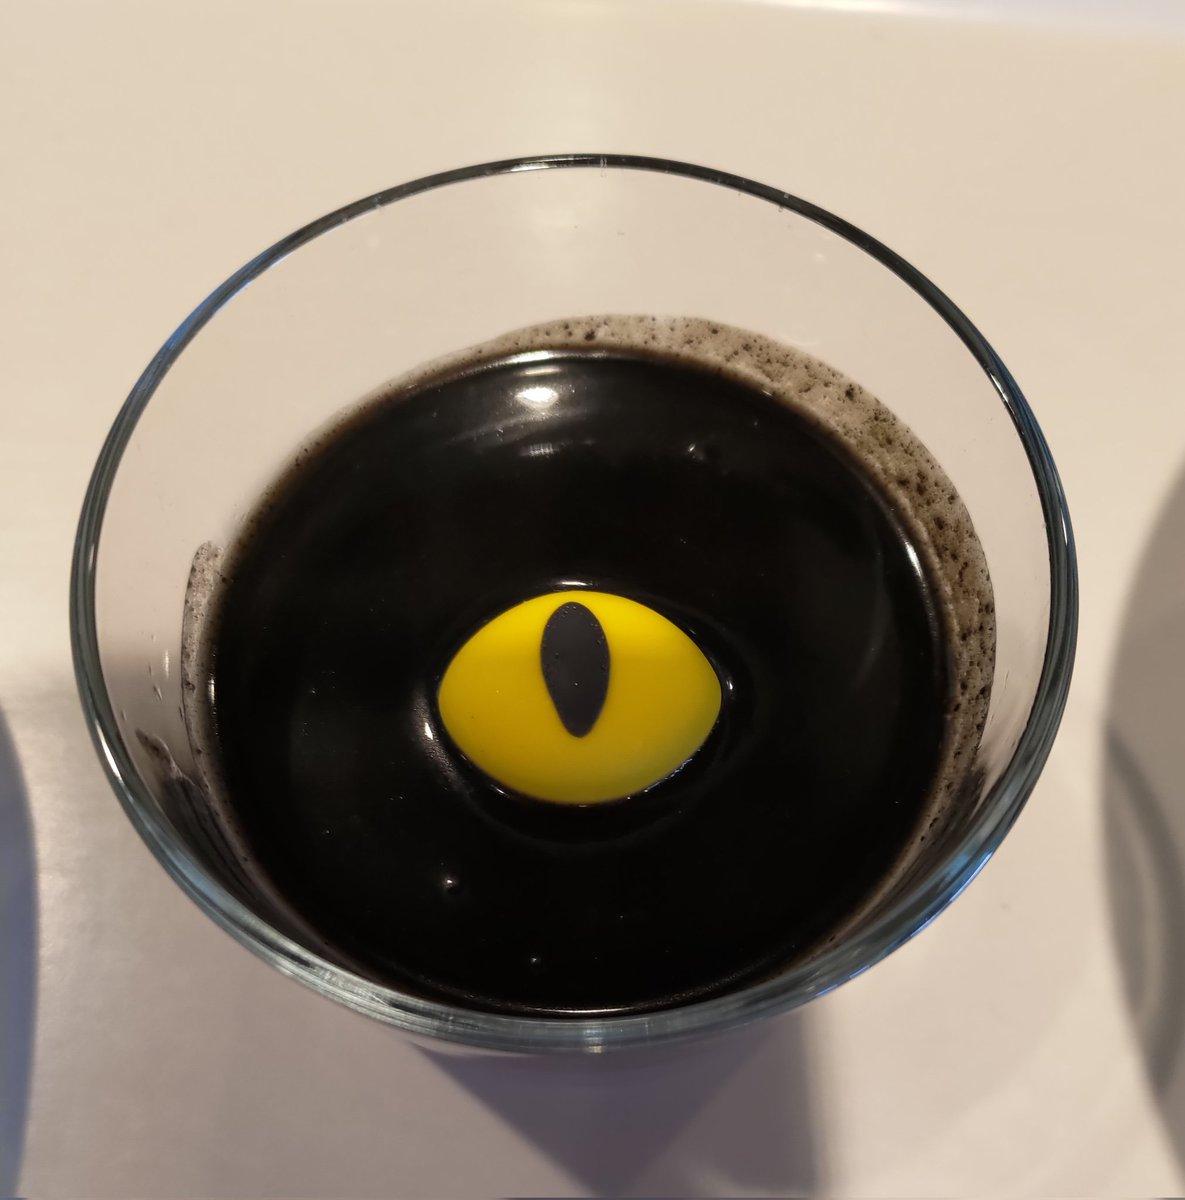 色々と足らない?黒猫プリンを頼んだ結果。「ちょっと思ってたのと違った」